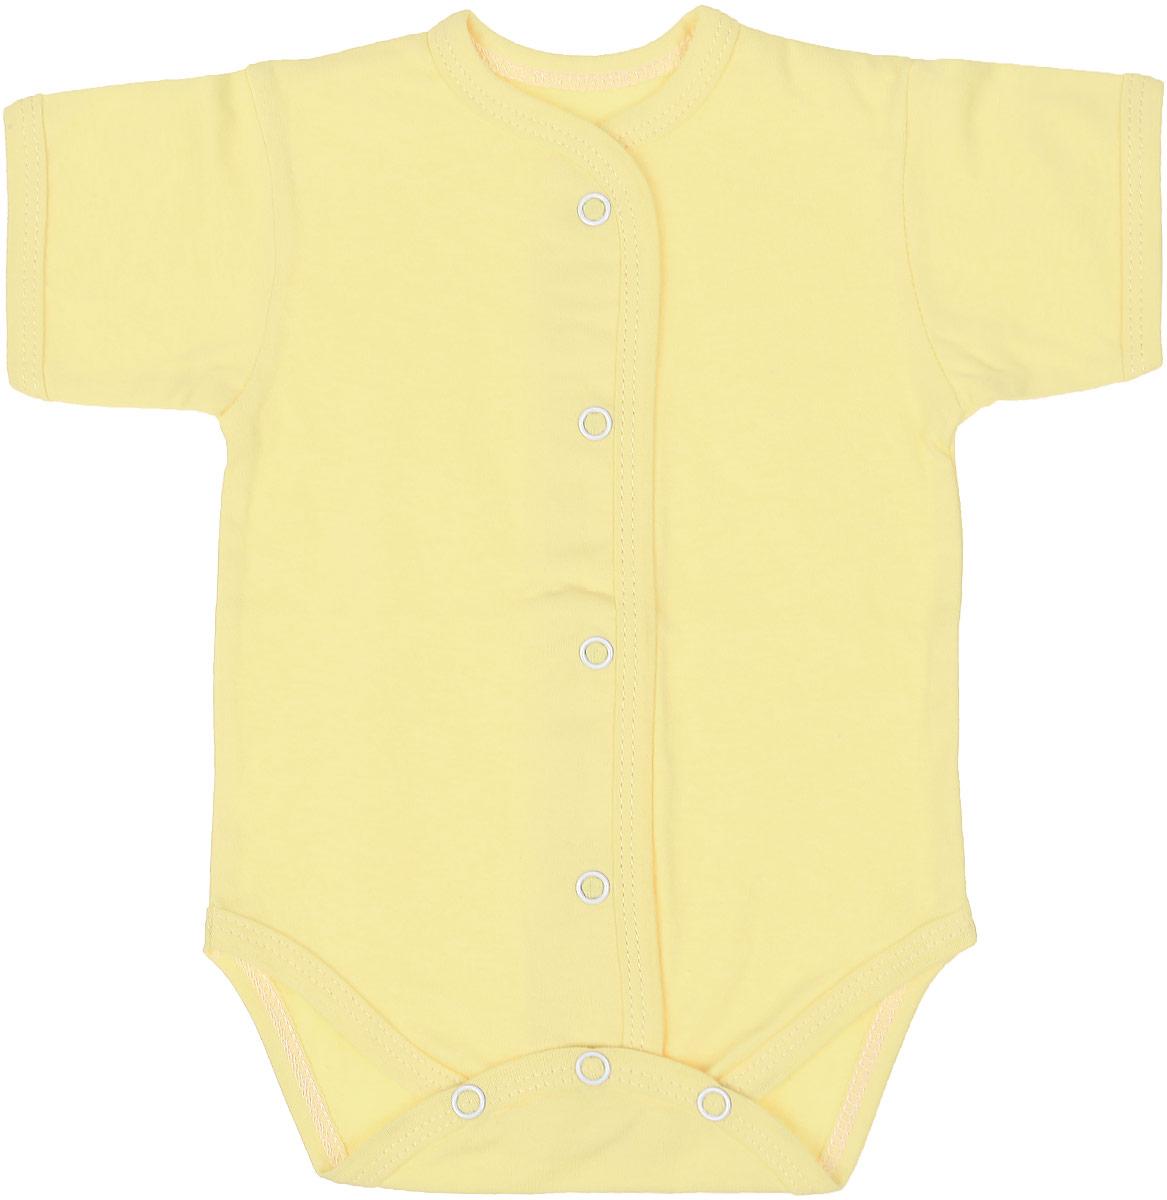 Боди детское Чудесные одежки, цвет: желтый. 5869. Размер 805869Детское боди Чудесные одежки выполнено из натурального хлопка.Боди с короткими рукавами и круглым вырезом горловины застегивается на кнопки на ластовице и спереди, что позволяет легко и быстро одеть малыша или поменять подгузник. Горловина, манжеты рукавов, полочки и проймы для ножек отделаны трикотажной лентой.